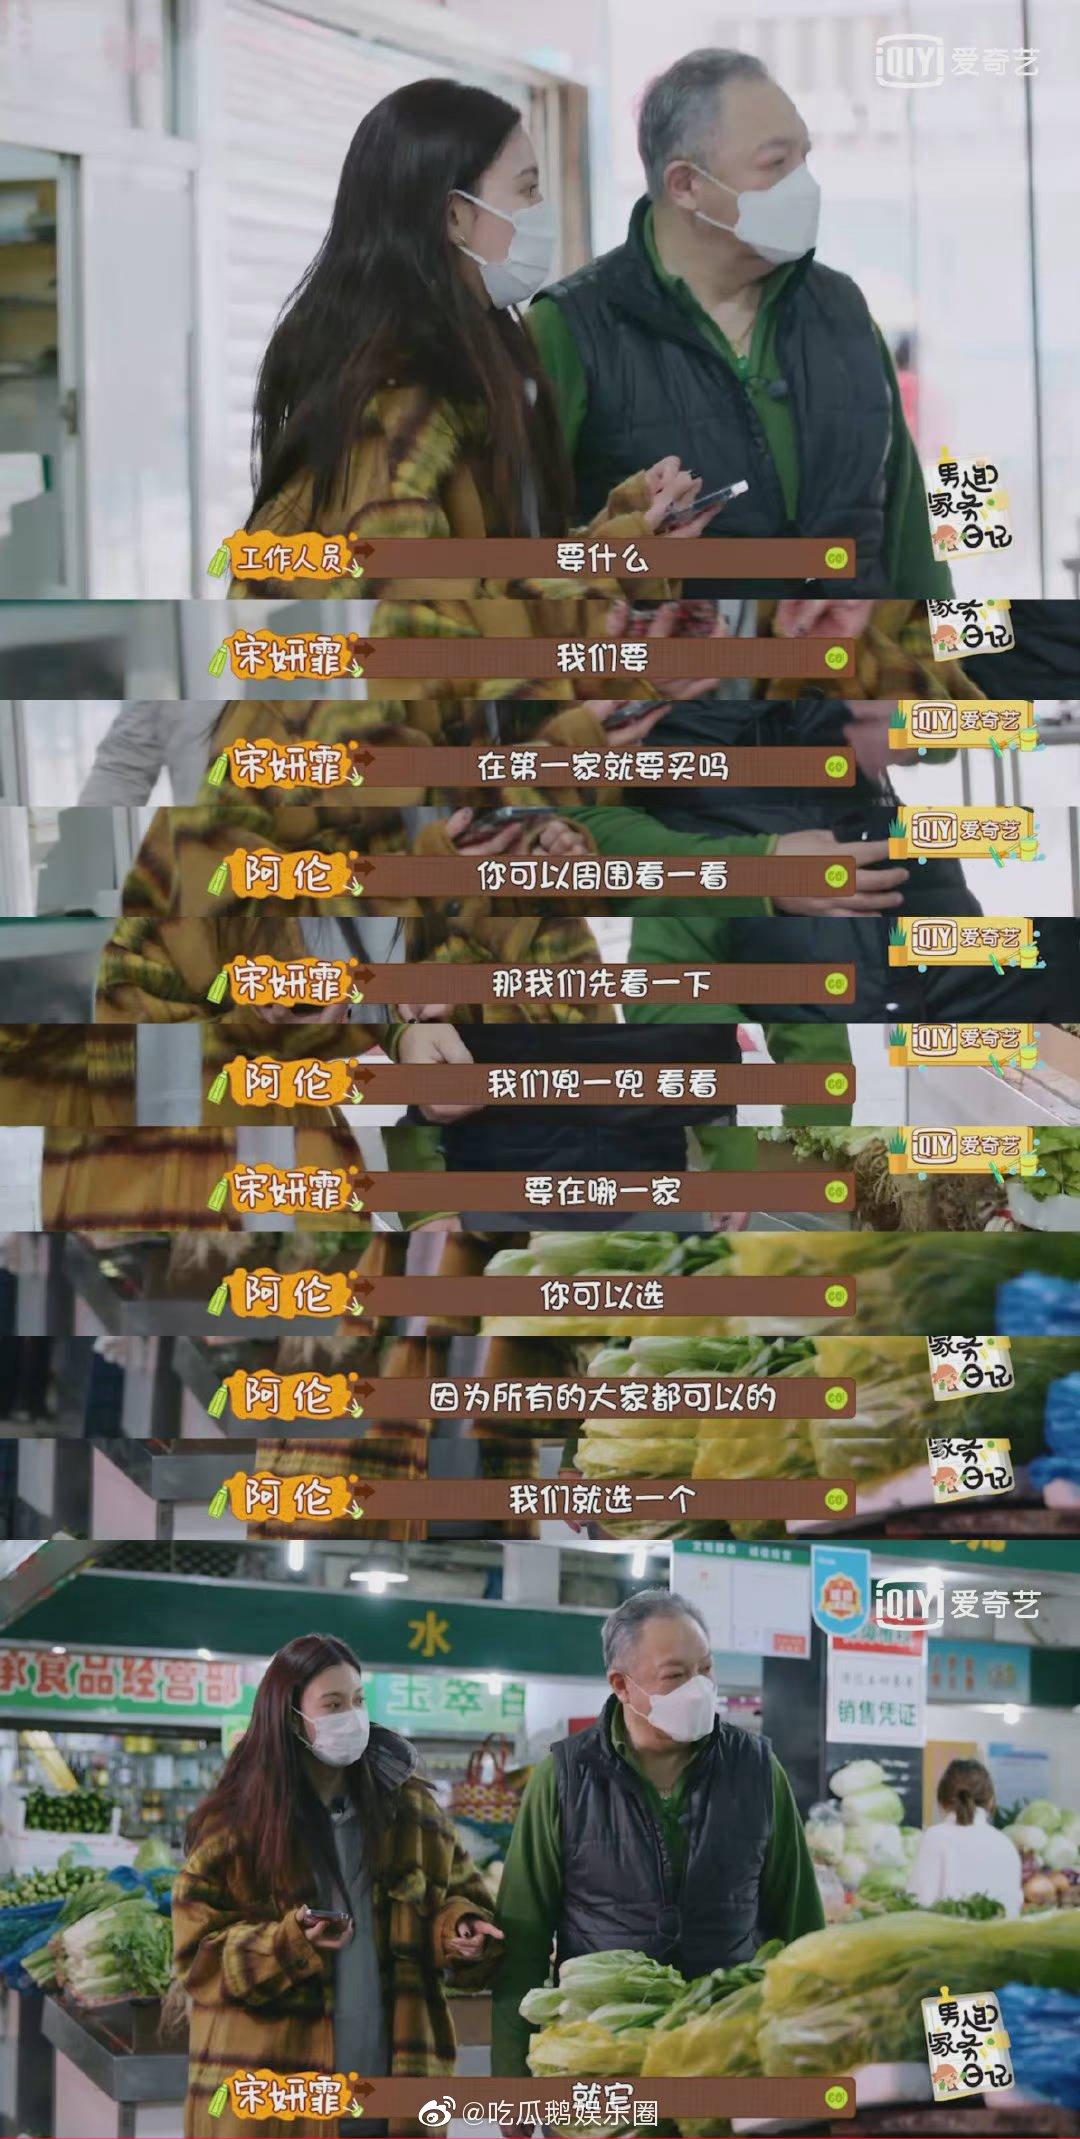 宋妍霏和宋爸买菜全靠眼缘 CC不停的给摊主姐姐撒娇太可爱了!